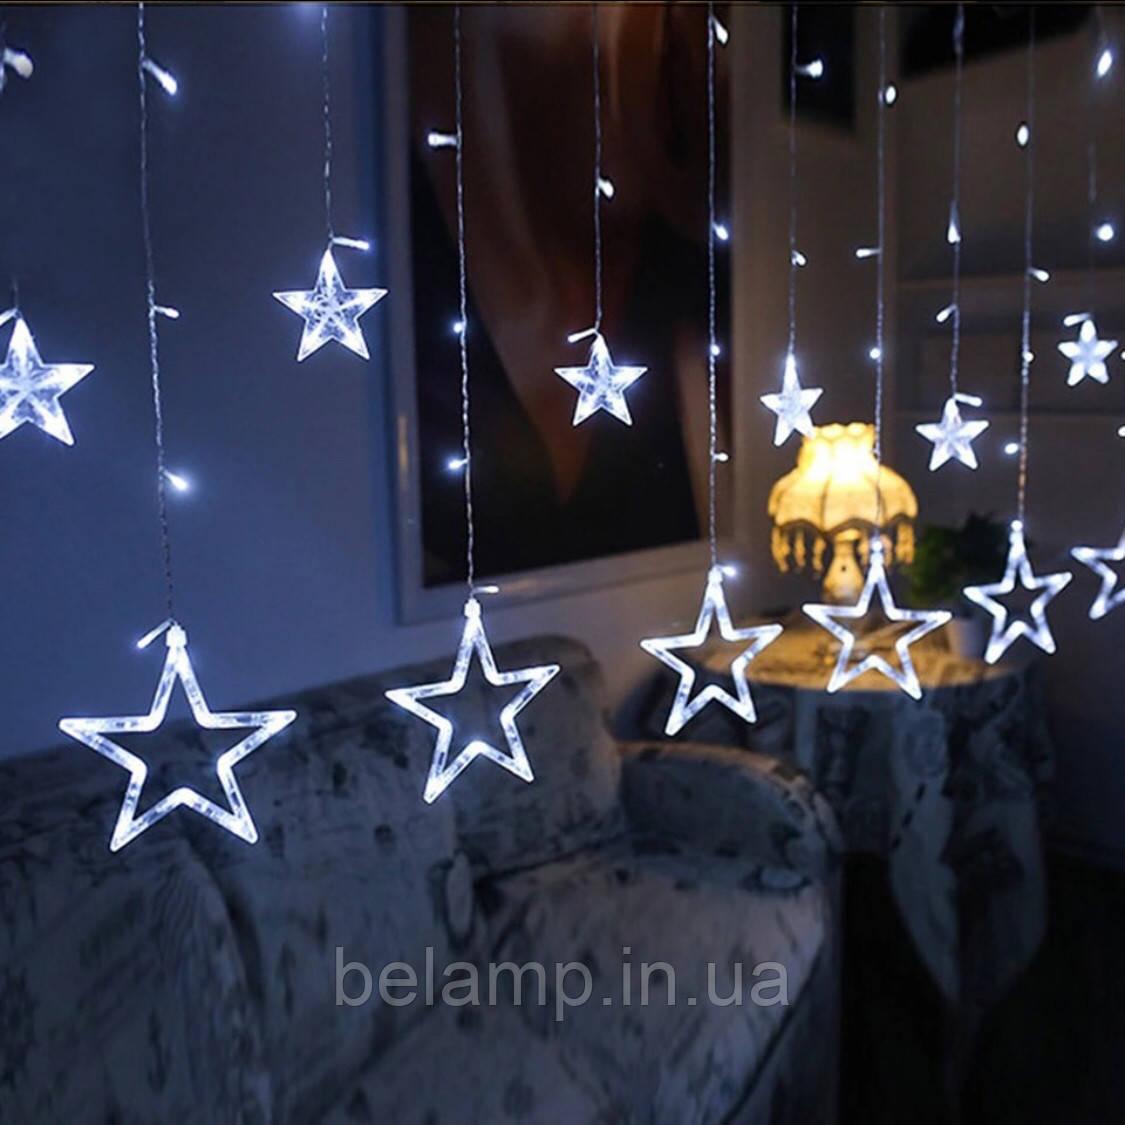 """Новогодняя гирлянда занавес на окно  """"Белый Звездопад"""""""